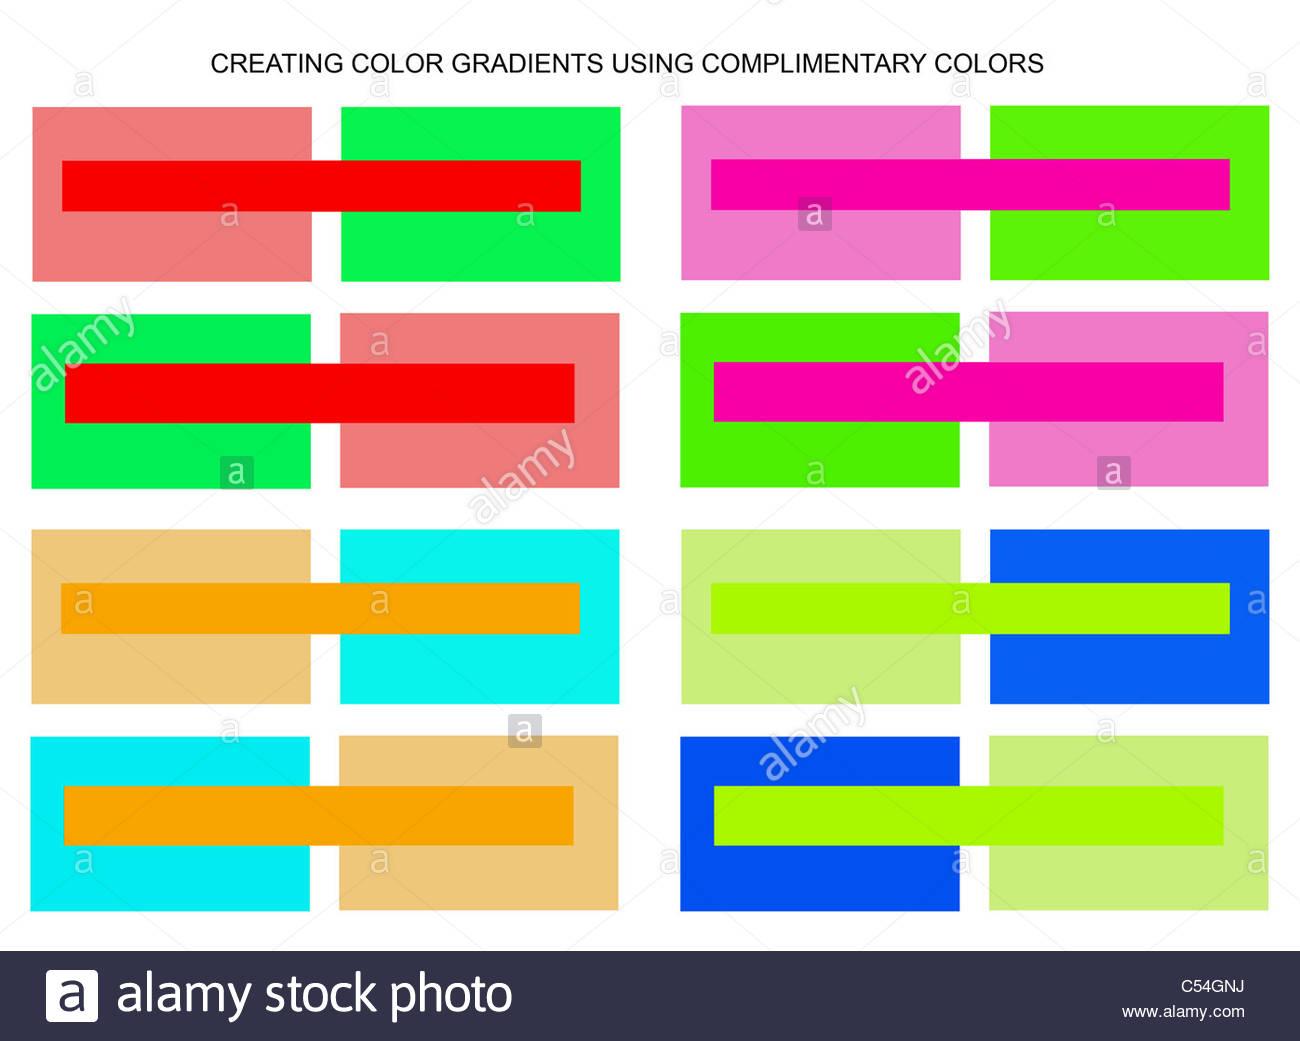 ilustración gráfica mediante rectángulos para mostrar crear colores